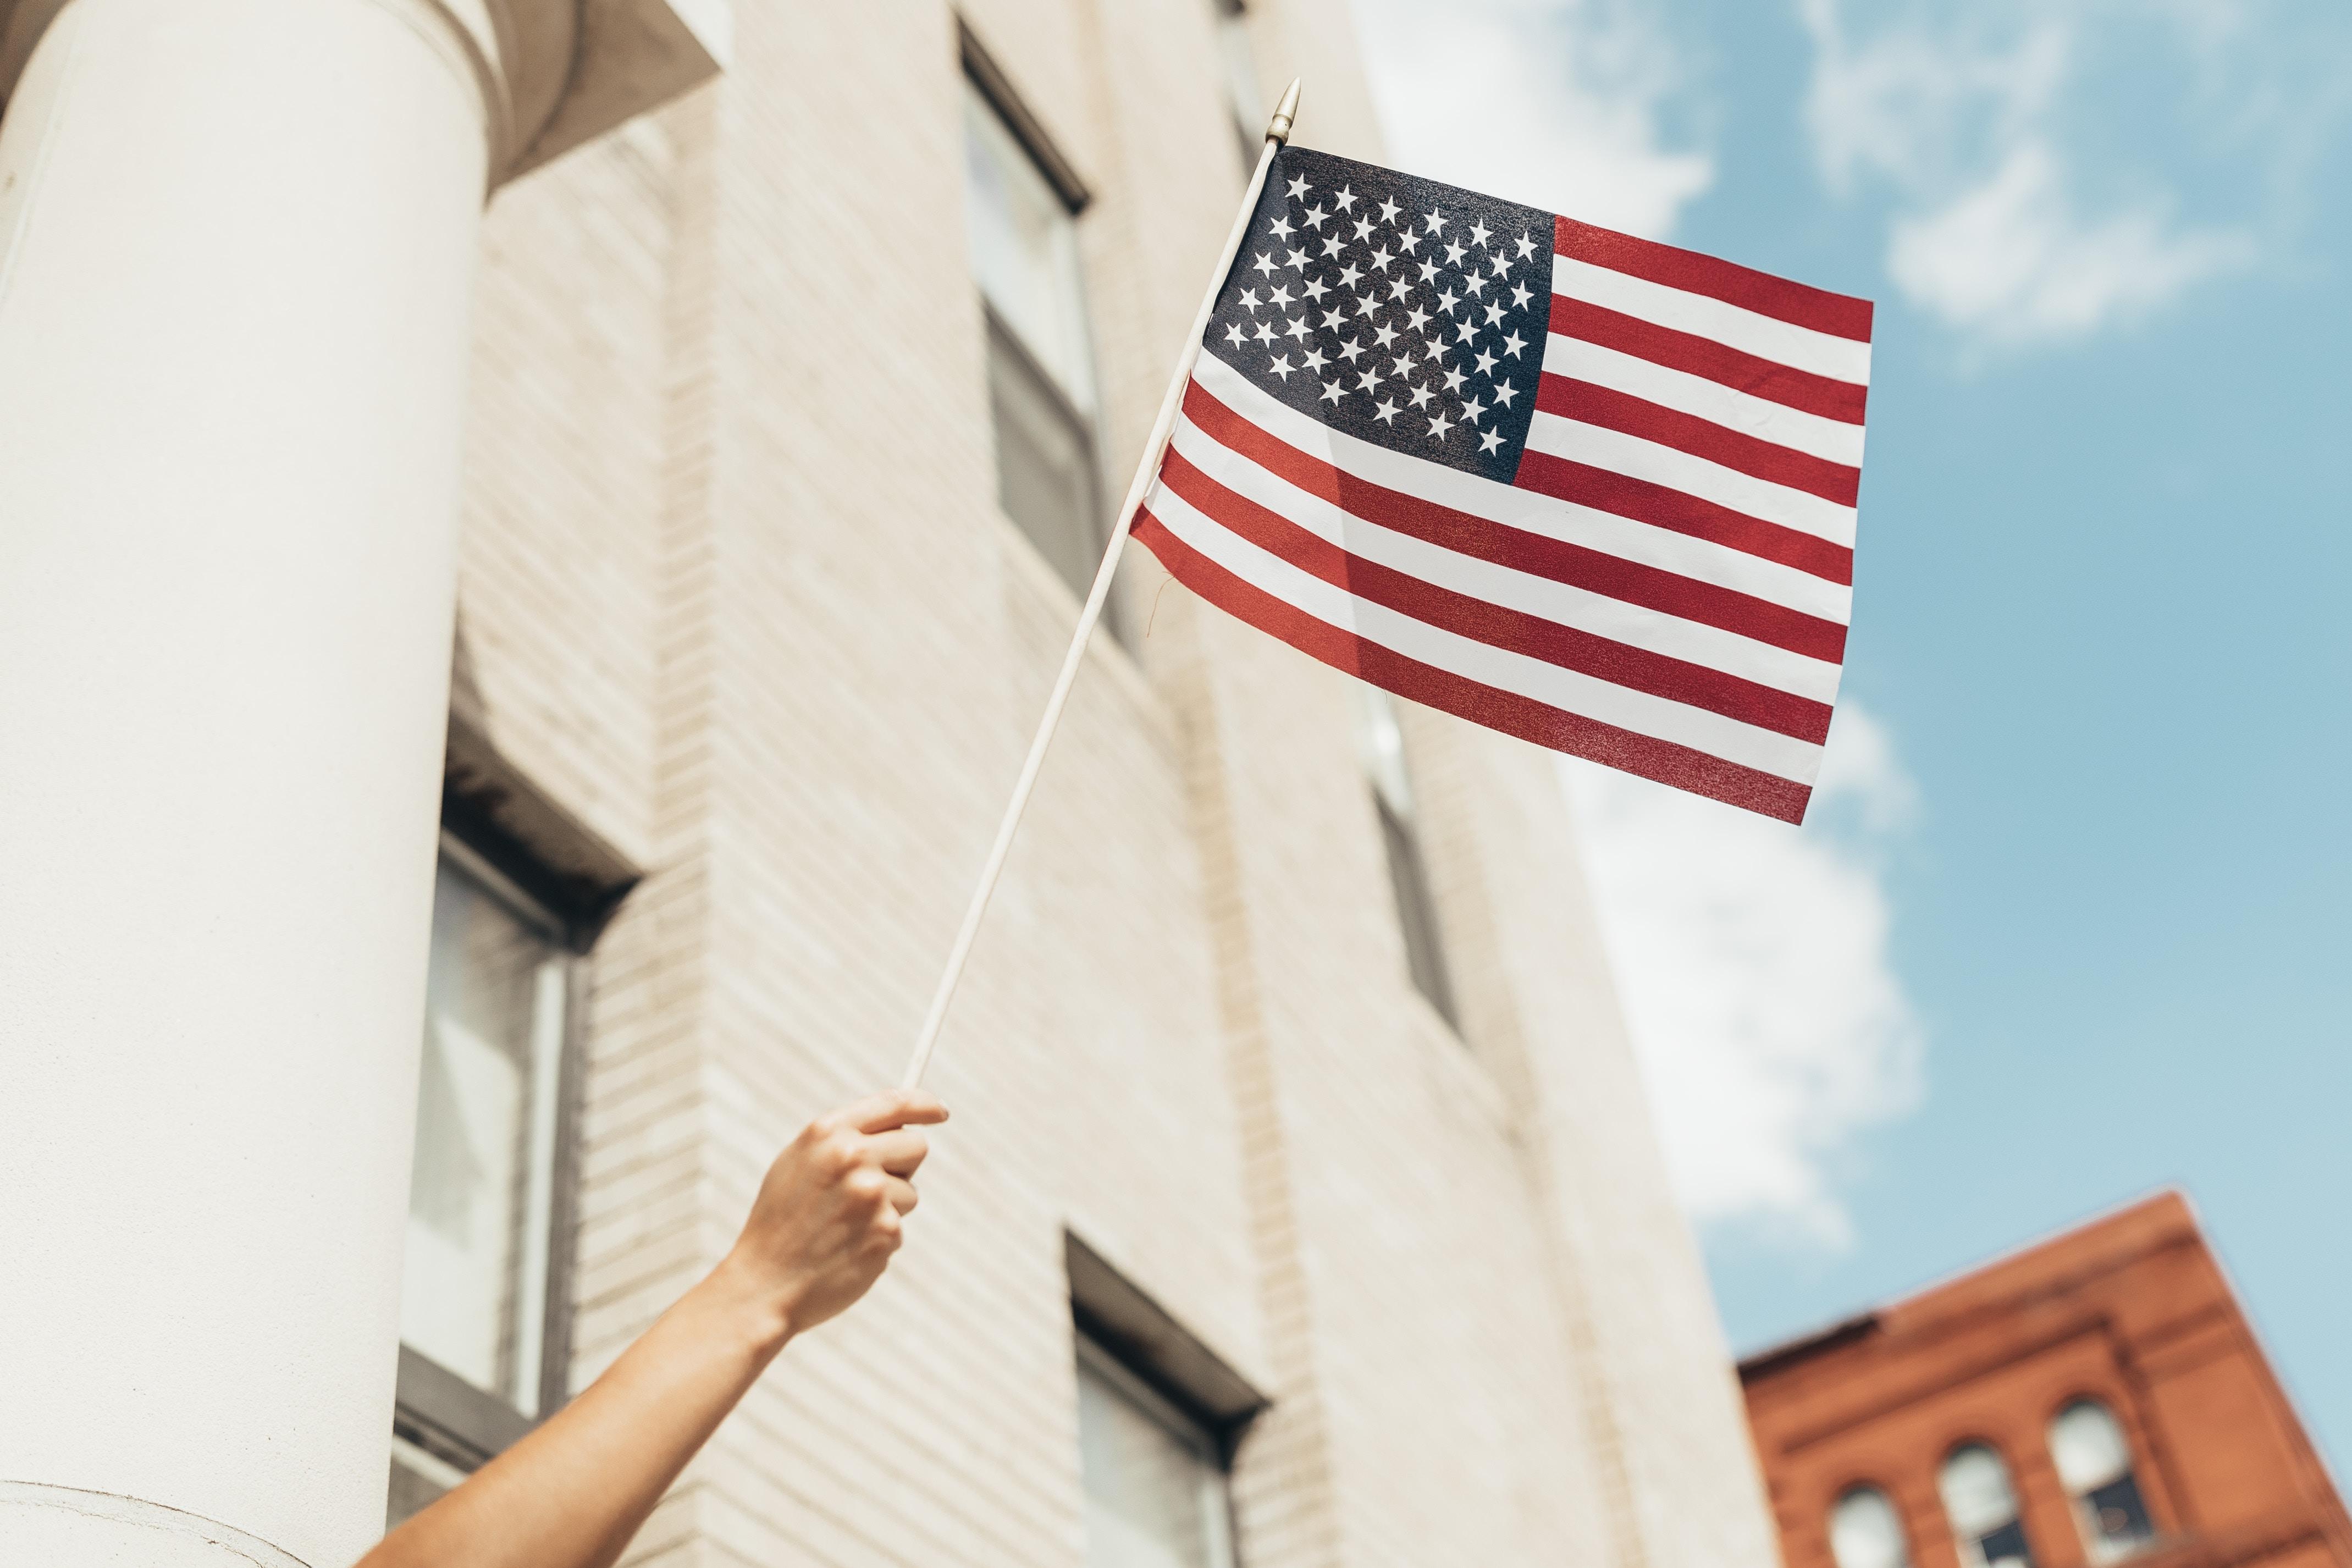 寻找美国作为超级大国持续发展的内在动力